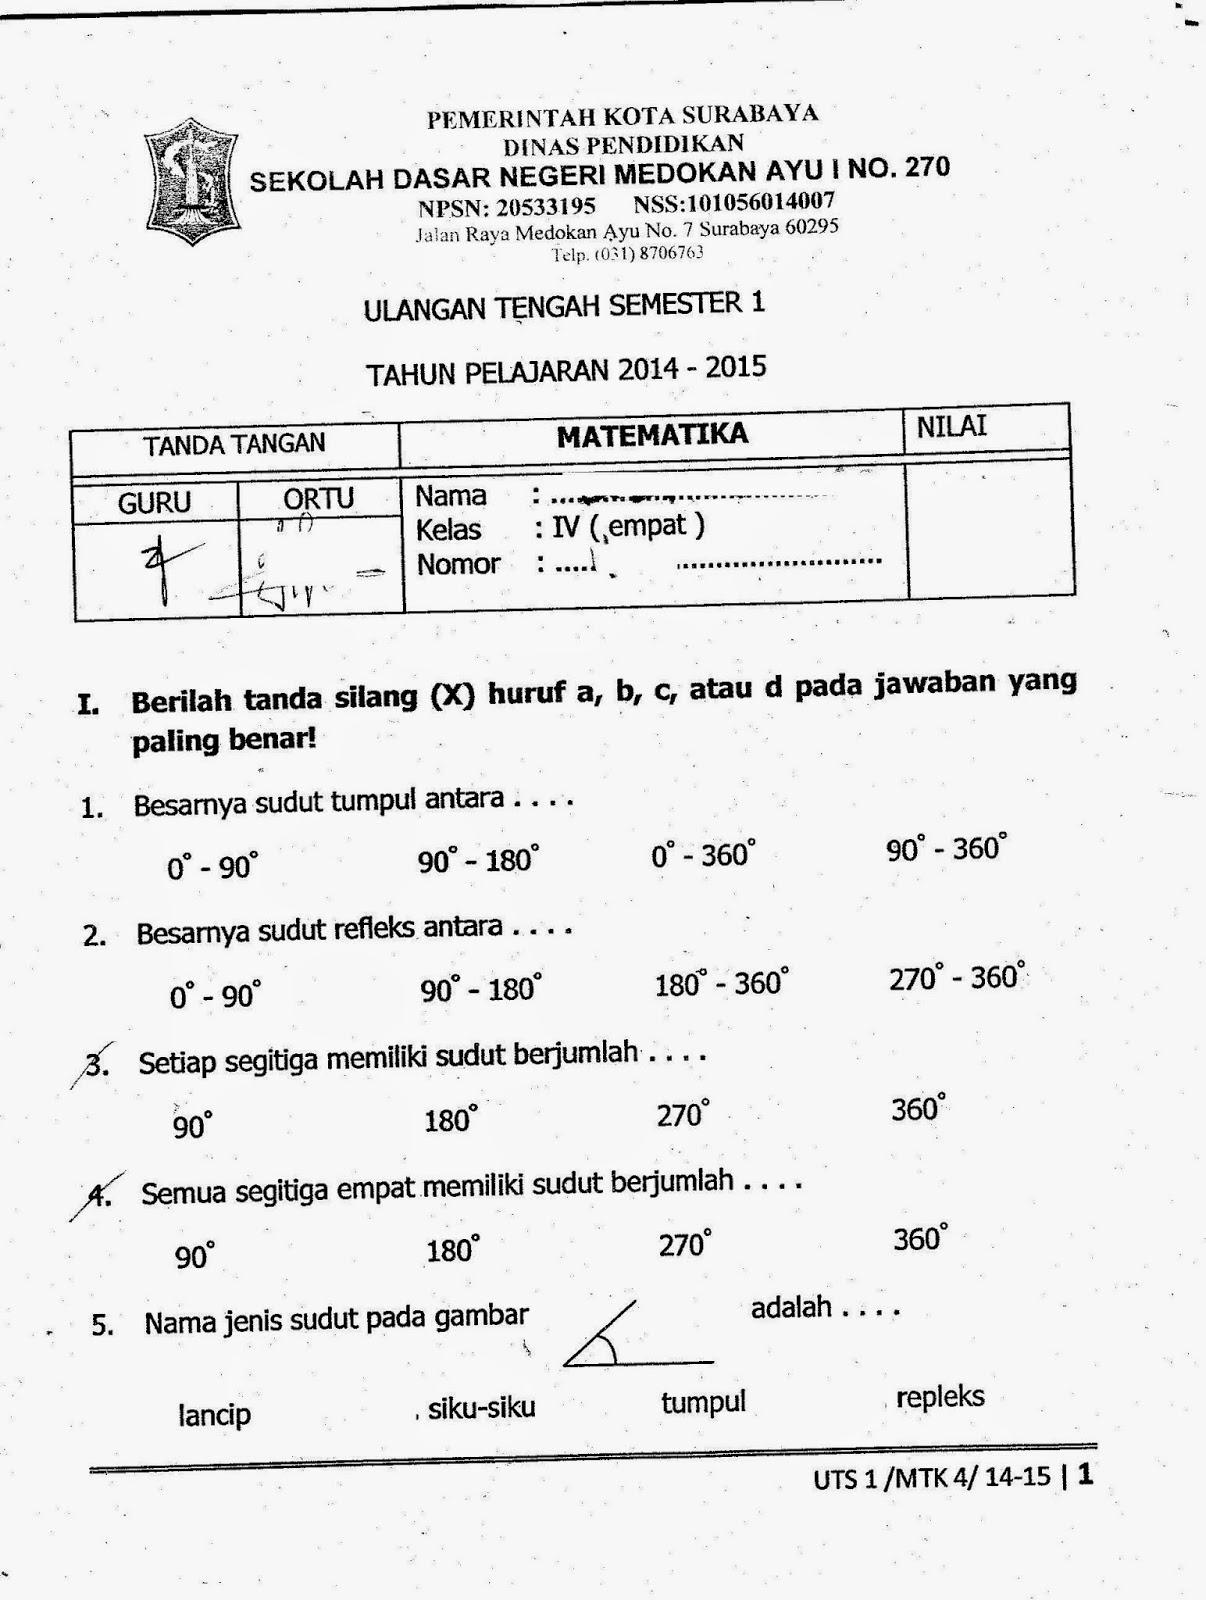 Soal Uts Kelas 4 Sd Agama Islam Kurikulum 2013 Soal